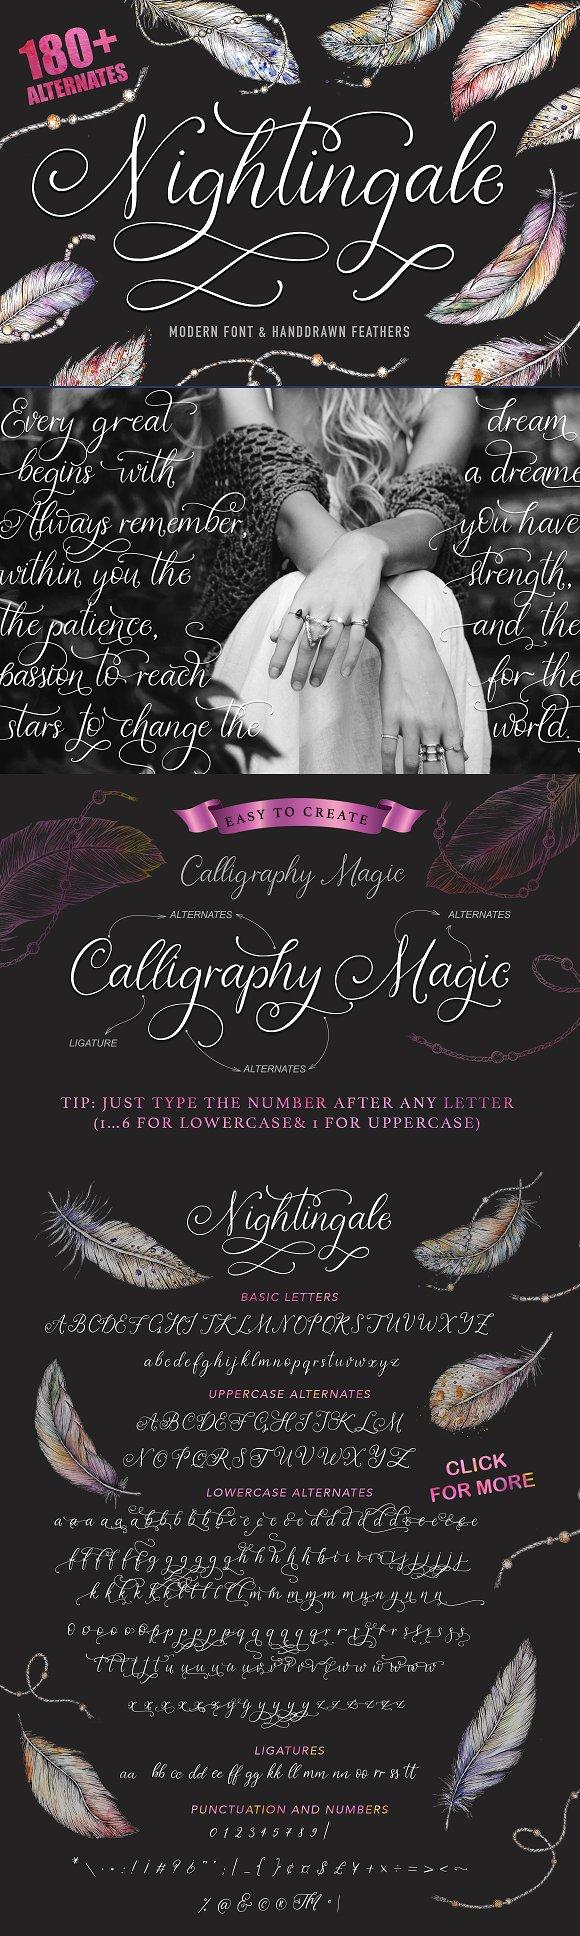 Nightingale Script Bonus Clip Arts